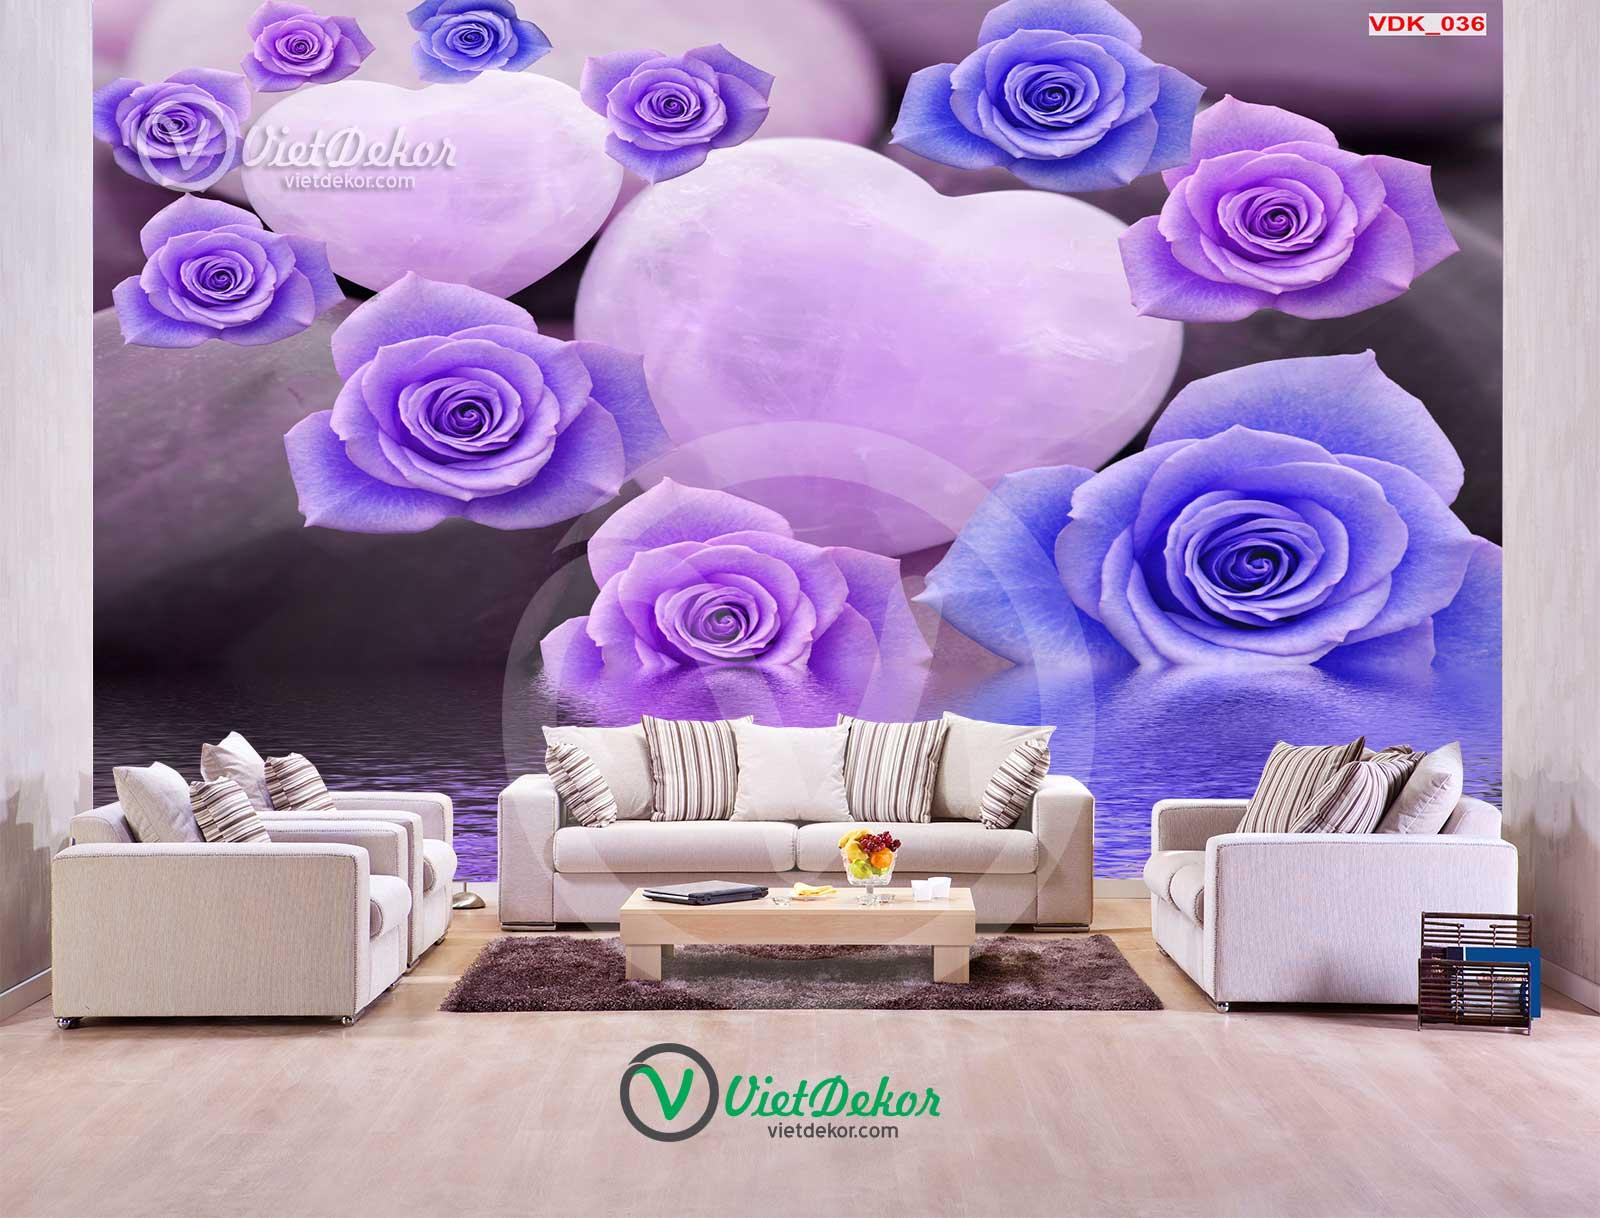 Tranh dán tường hoa hồng 3d cho phòng ngủ